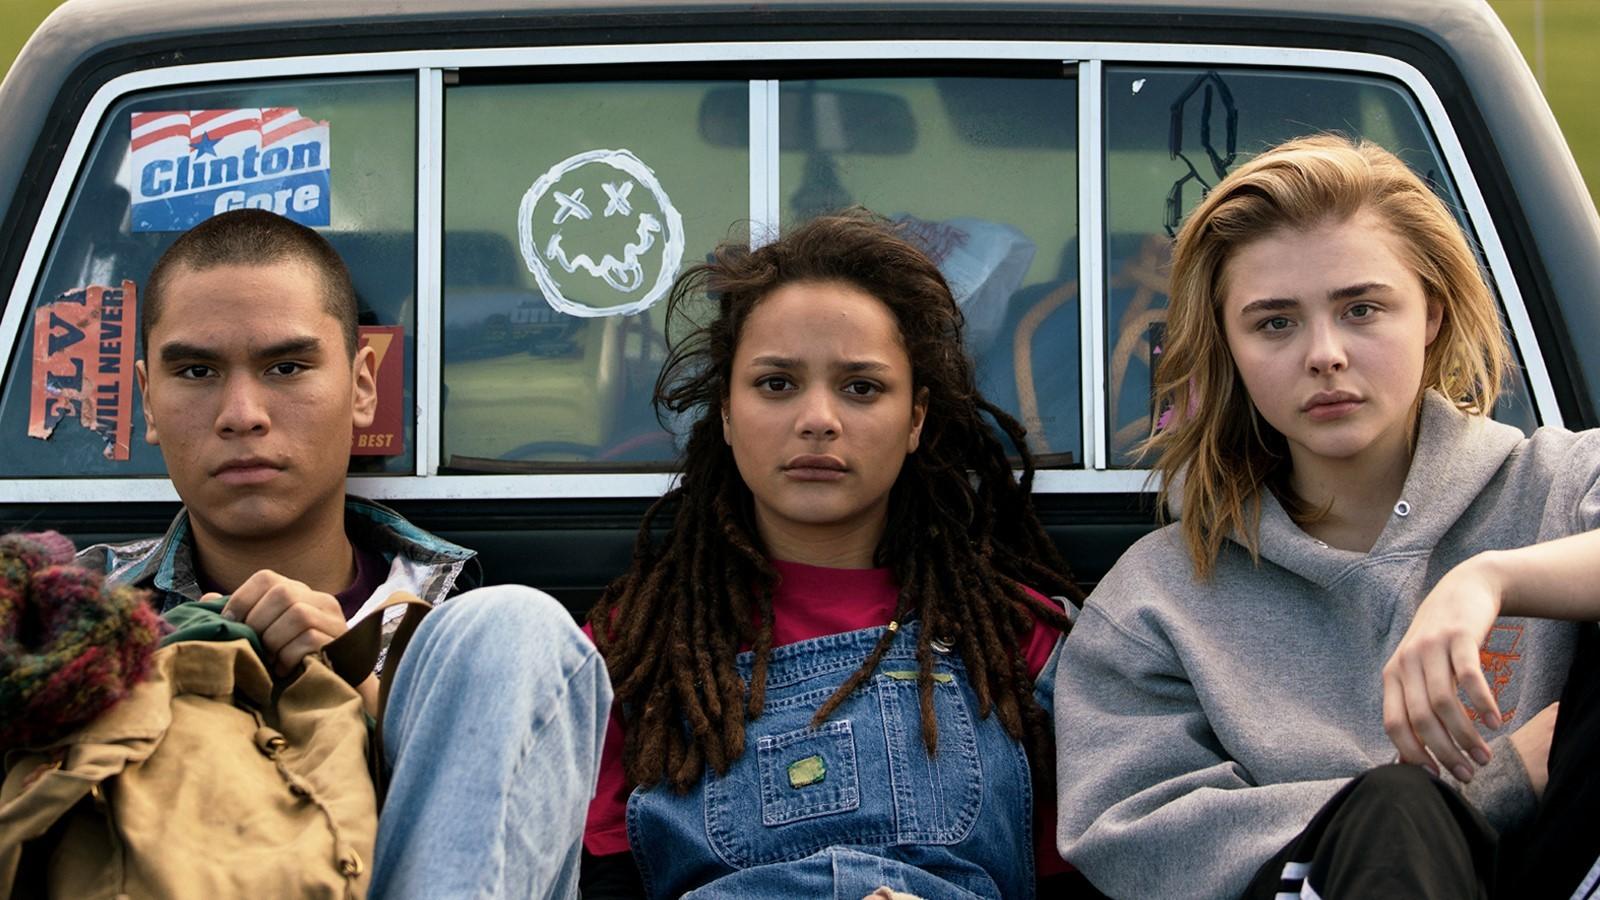 LGBT, The best LGBT films of 2018